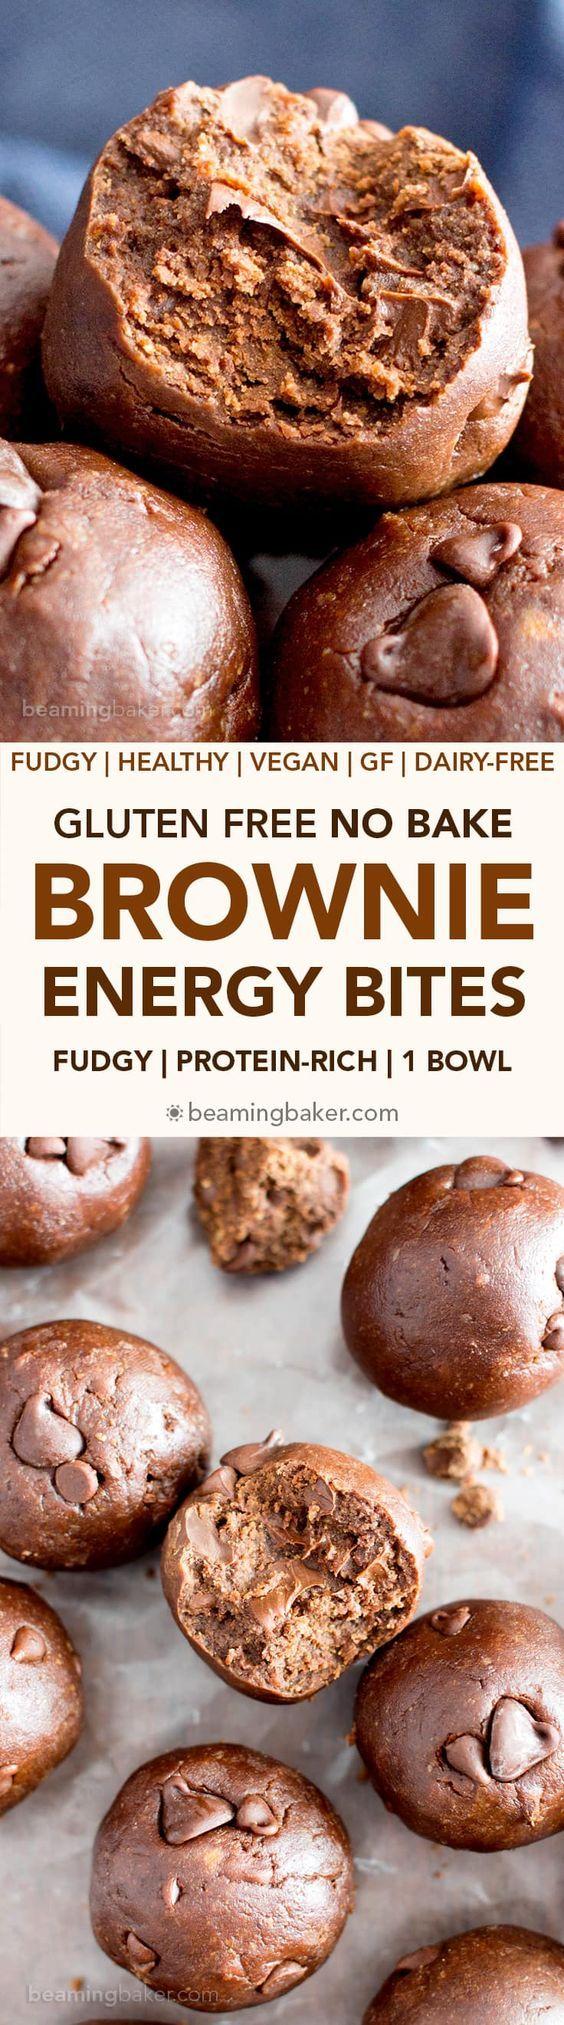 Brownie energy bites